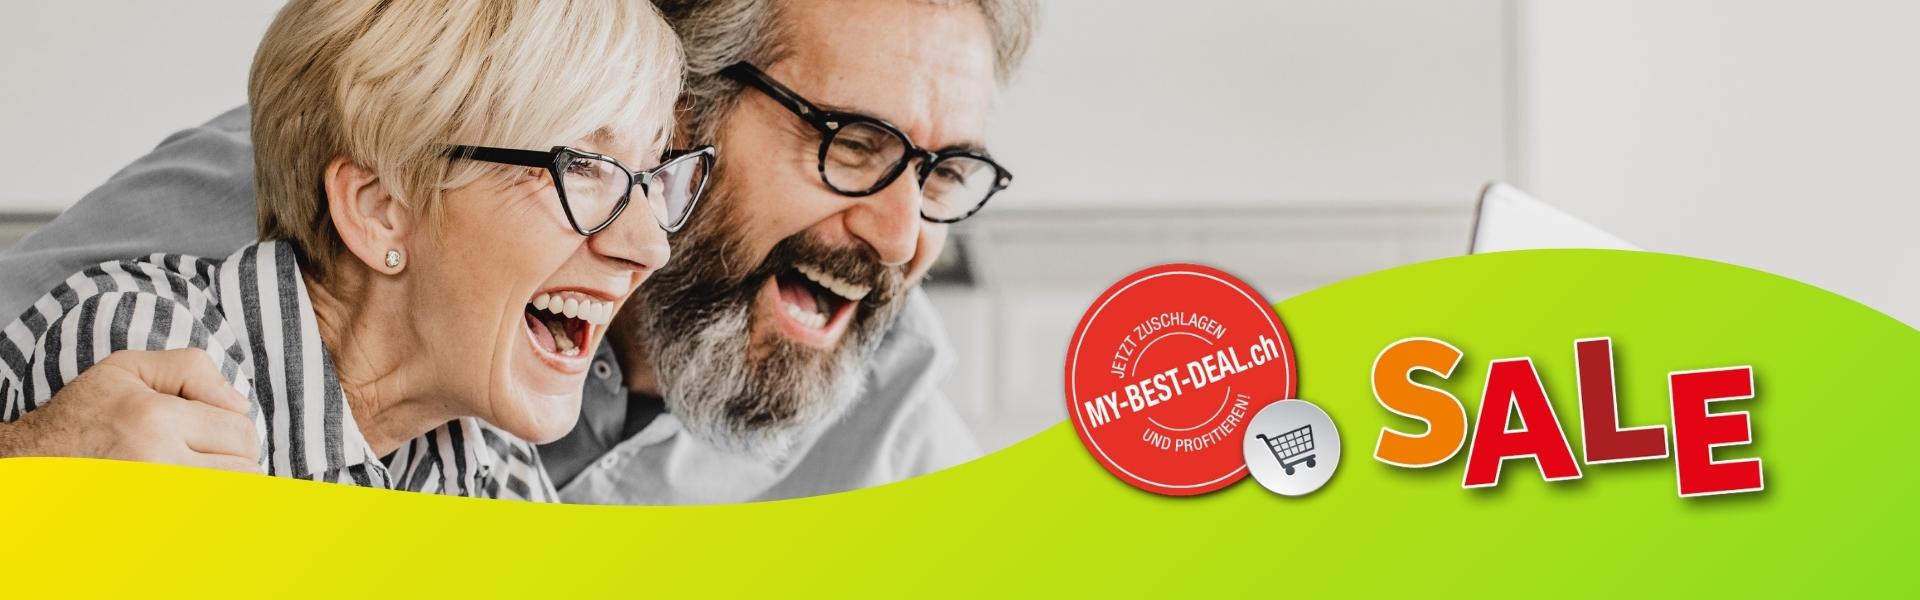 my best deal slider 1 - Gutscheincodes für Schweizer Onlineshops